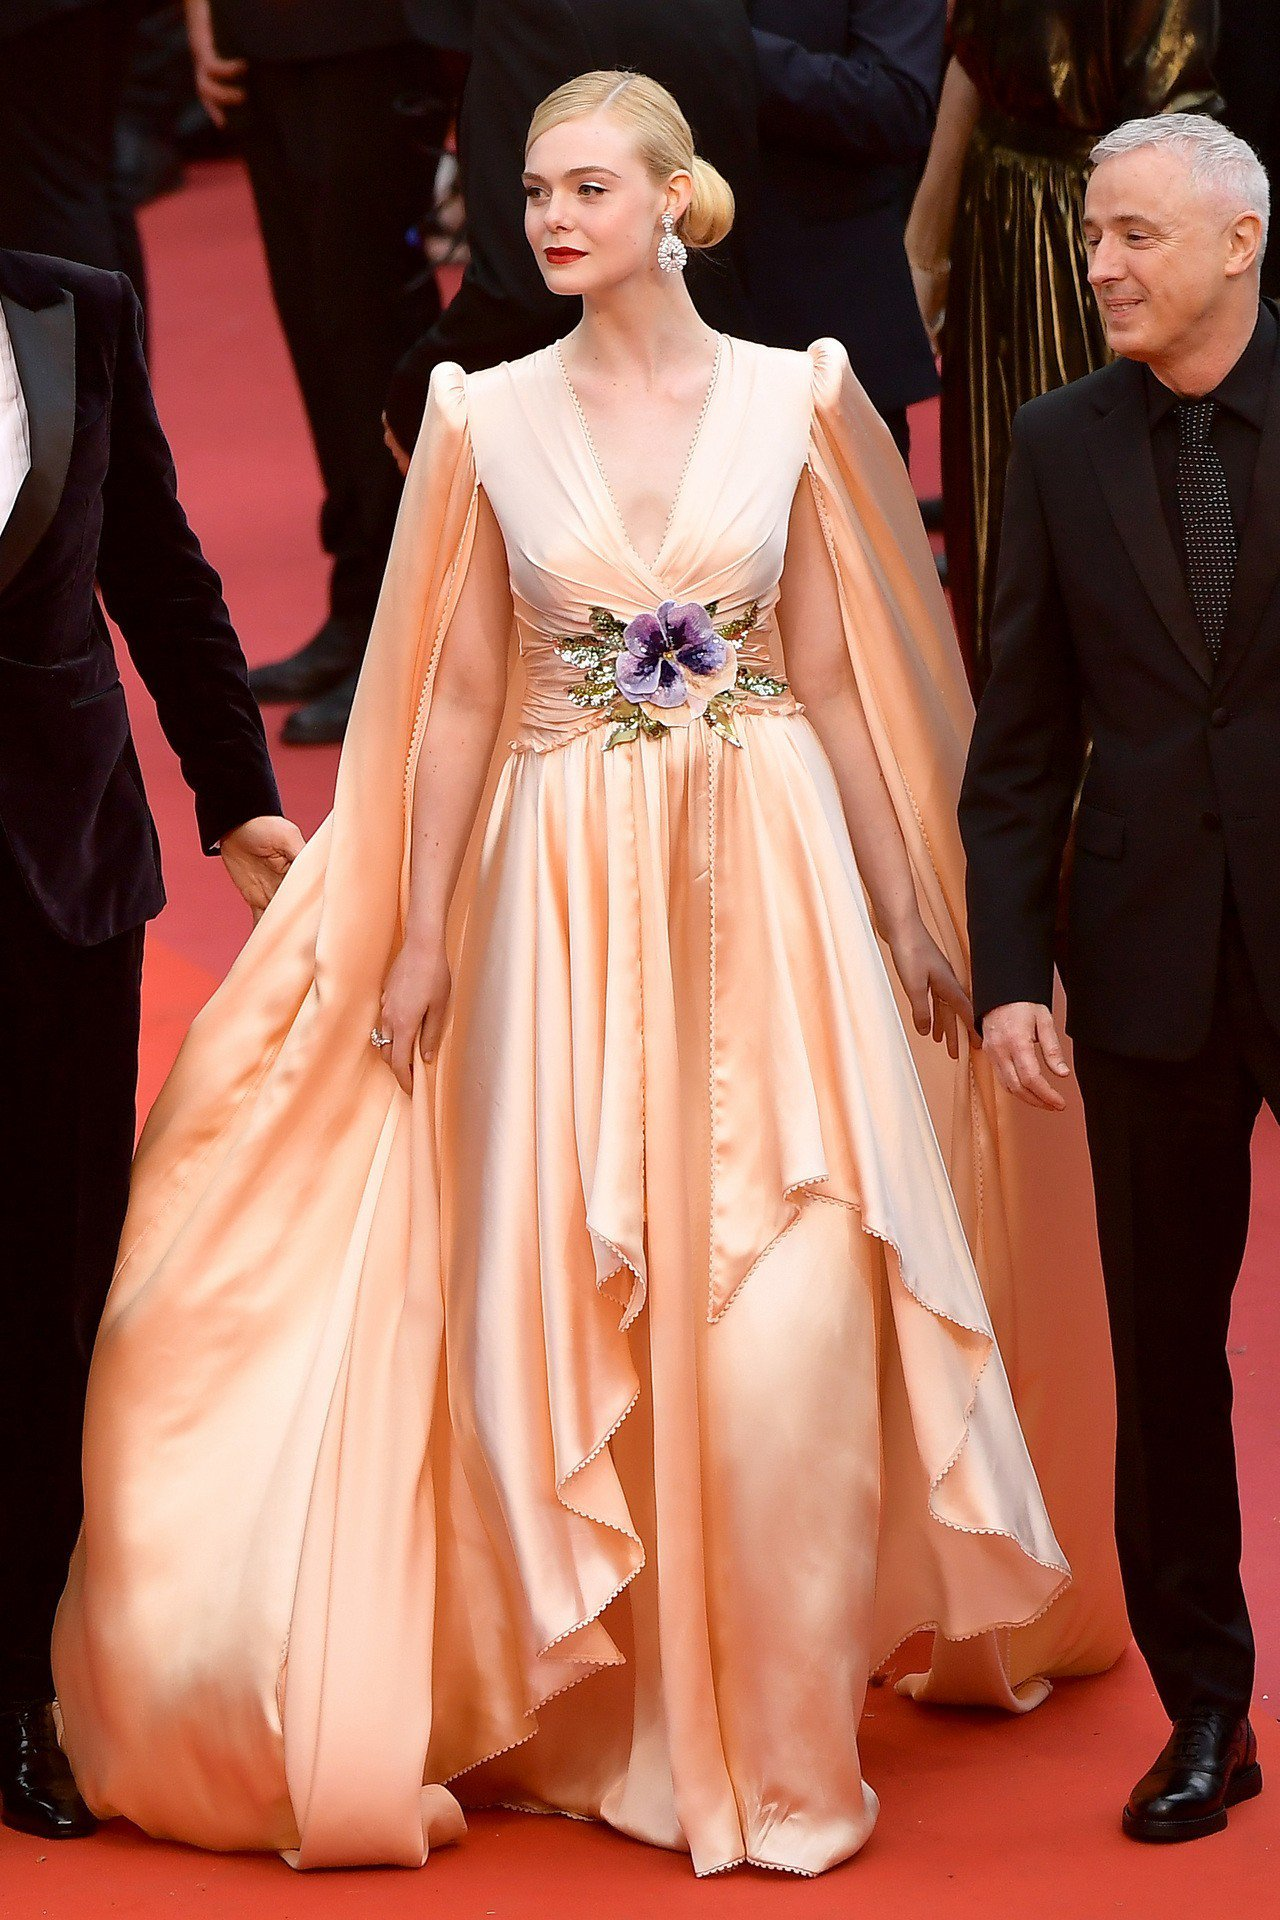 艾兒芬妮穿著Gucci粉色絲綢斗篷禮服,腰部飾以紫色和象牙白花卉刺繡,搭配裸色厚...